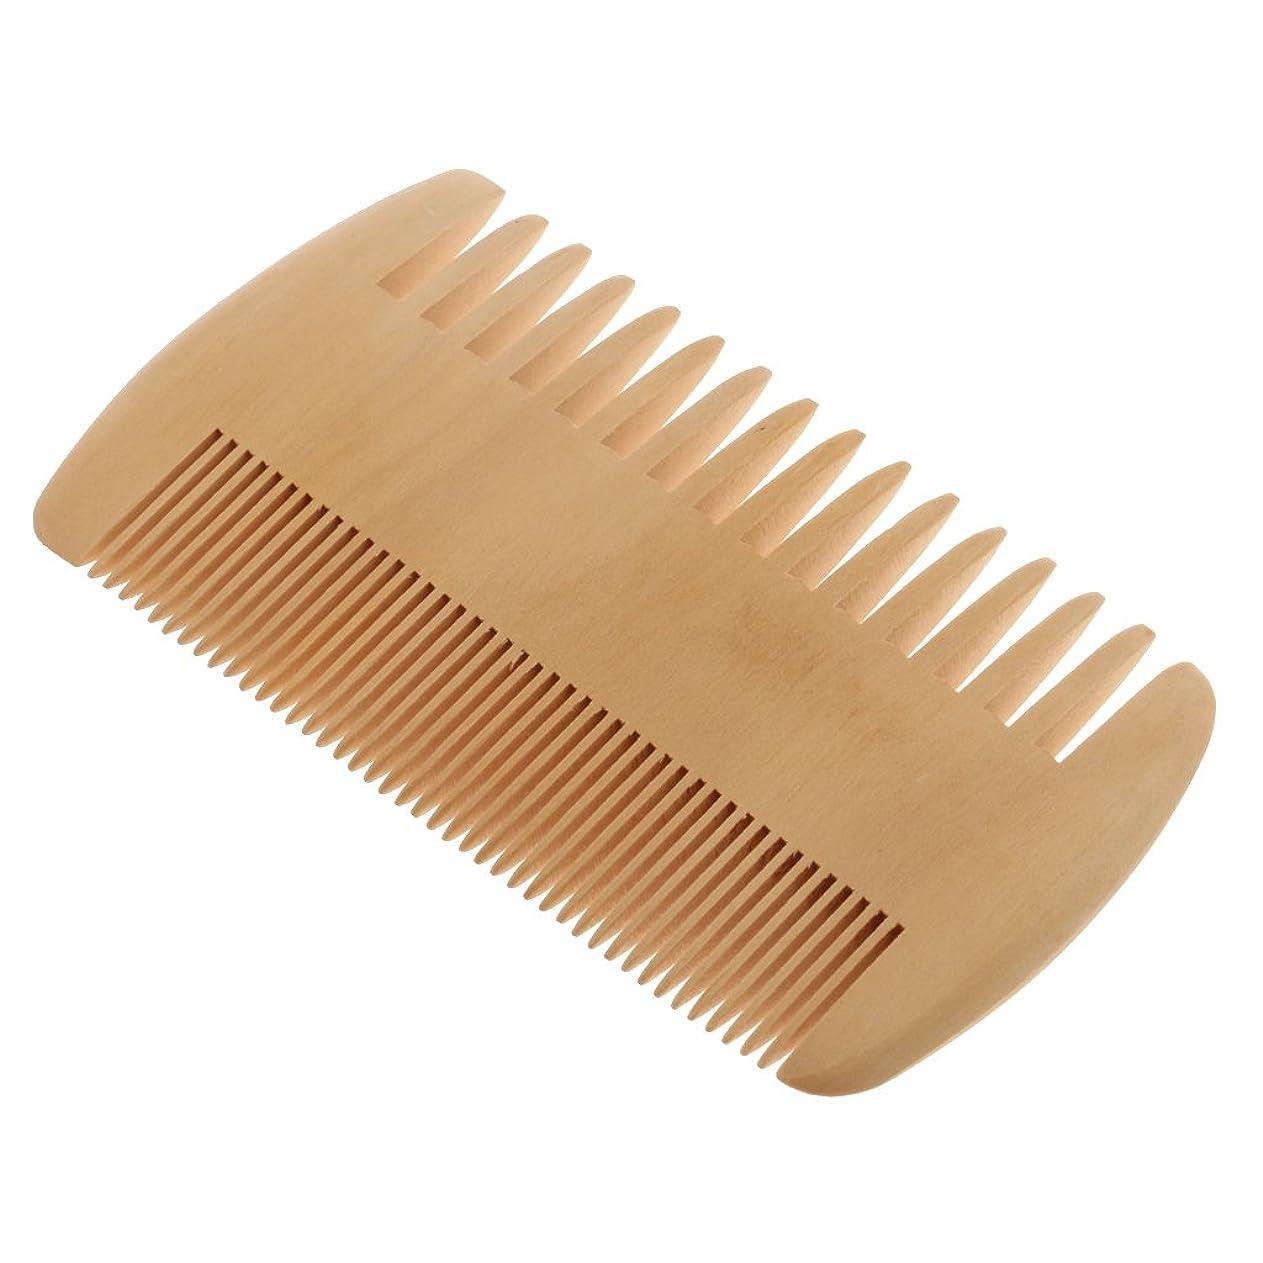 なんでも実用的に賛成木製コーム 木製櫛 ヘアブラシ 帯電防止櫛 ポケットコーム ヘアスタイリング 用品